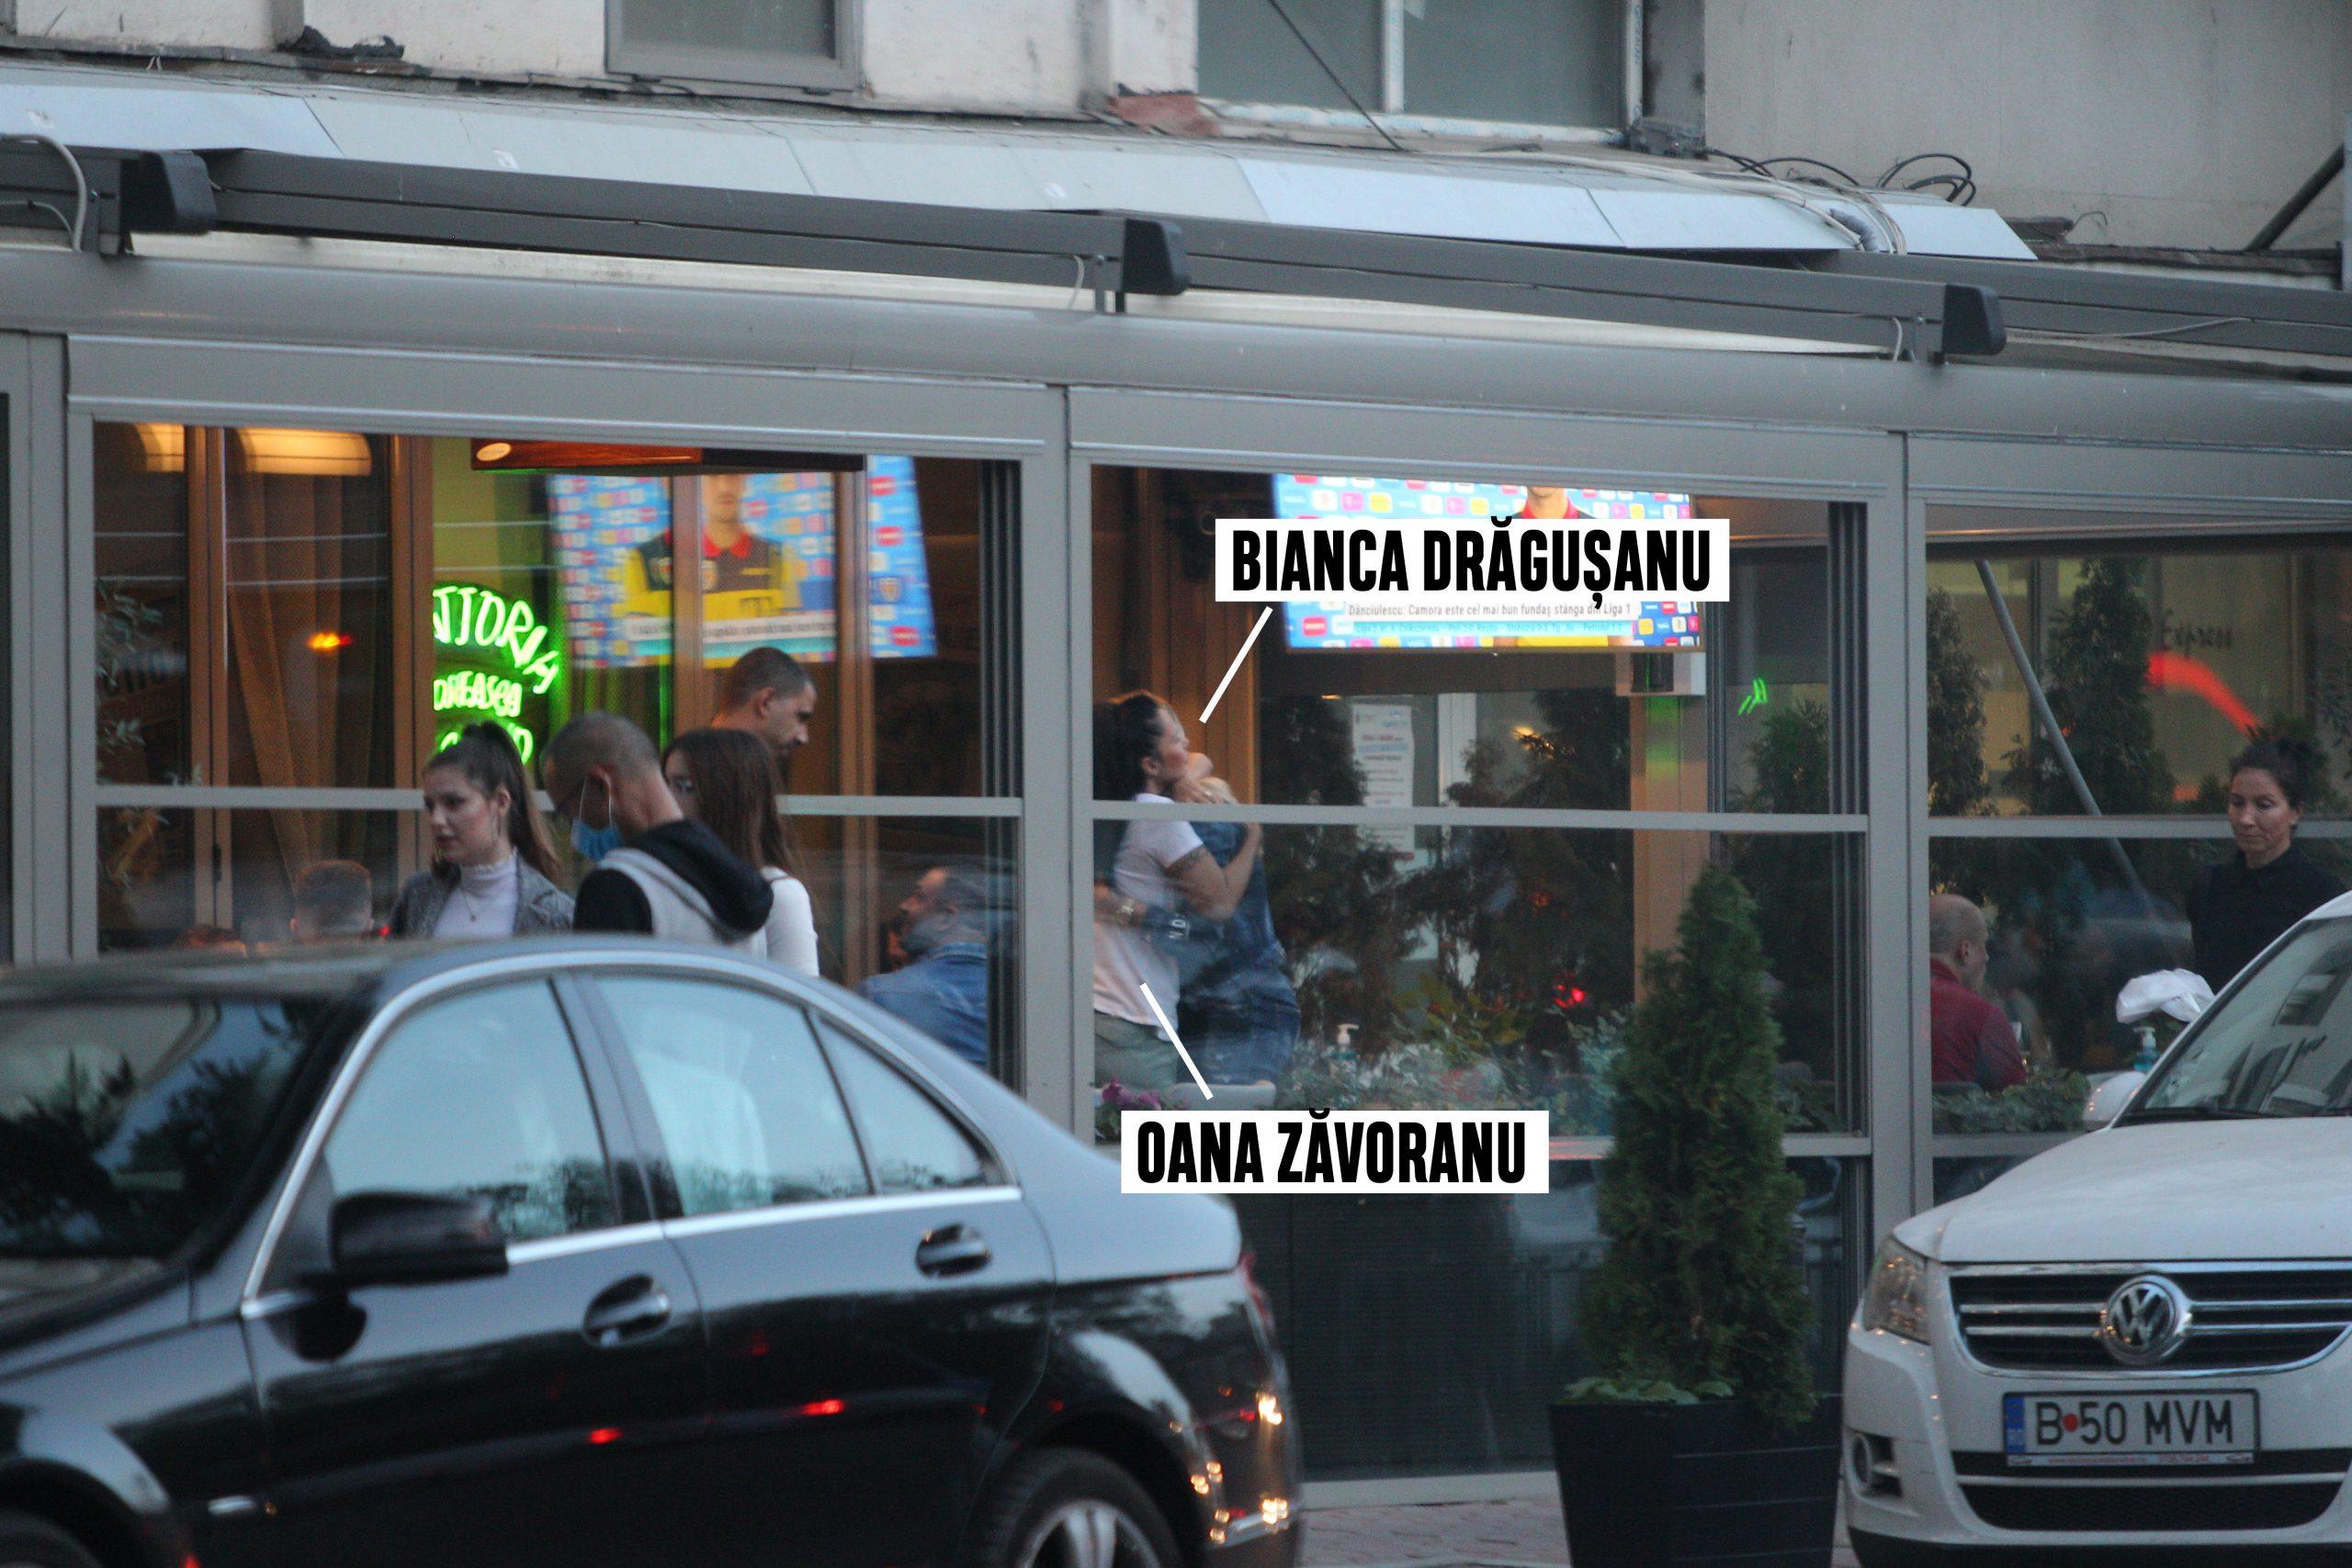 Dovada că Bianca Drăgușanu l-a iertat pe Alex Bodi după bătaie